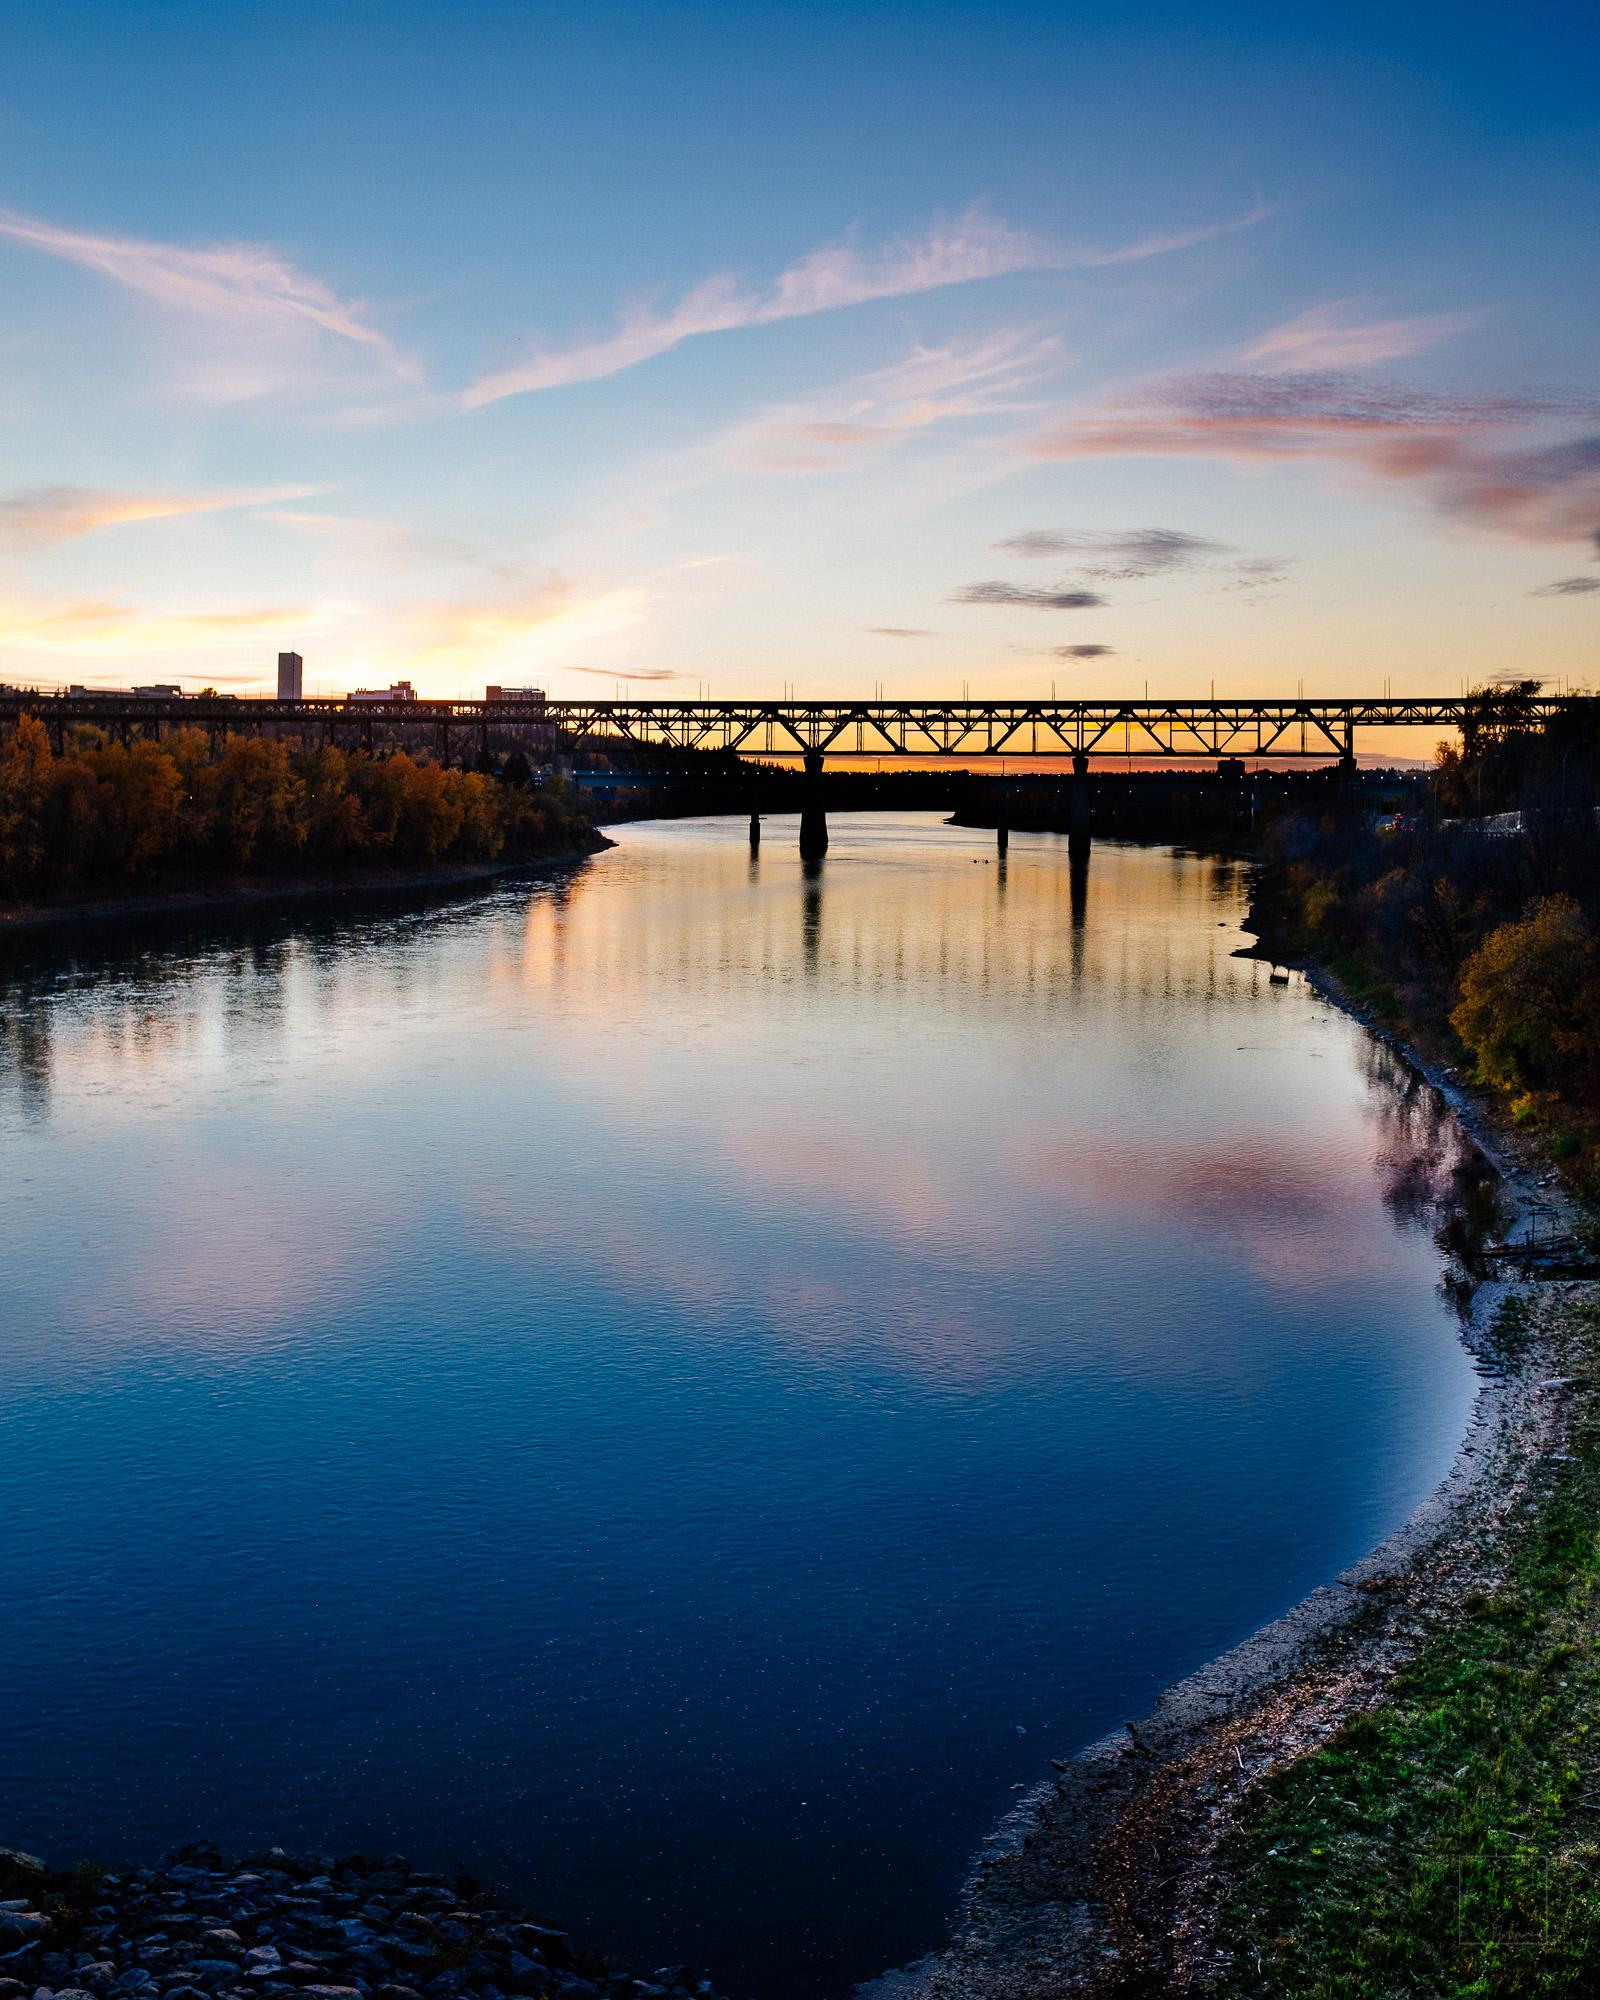 Dusk on the North Saskatchewan